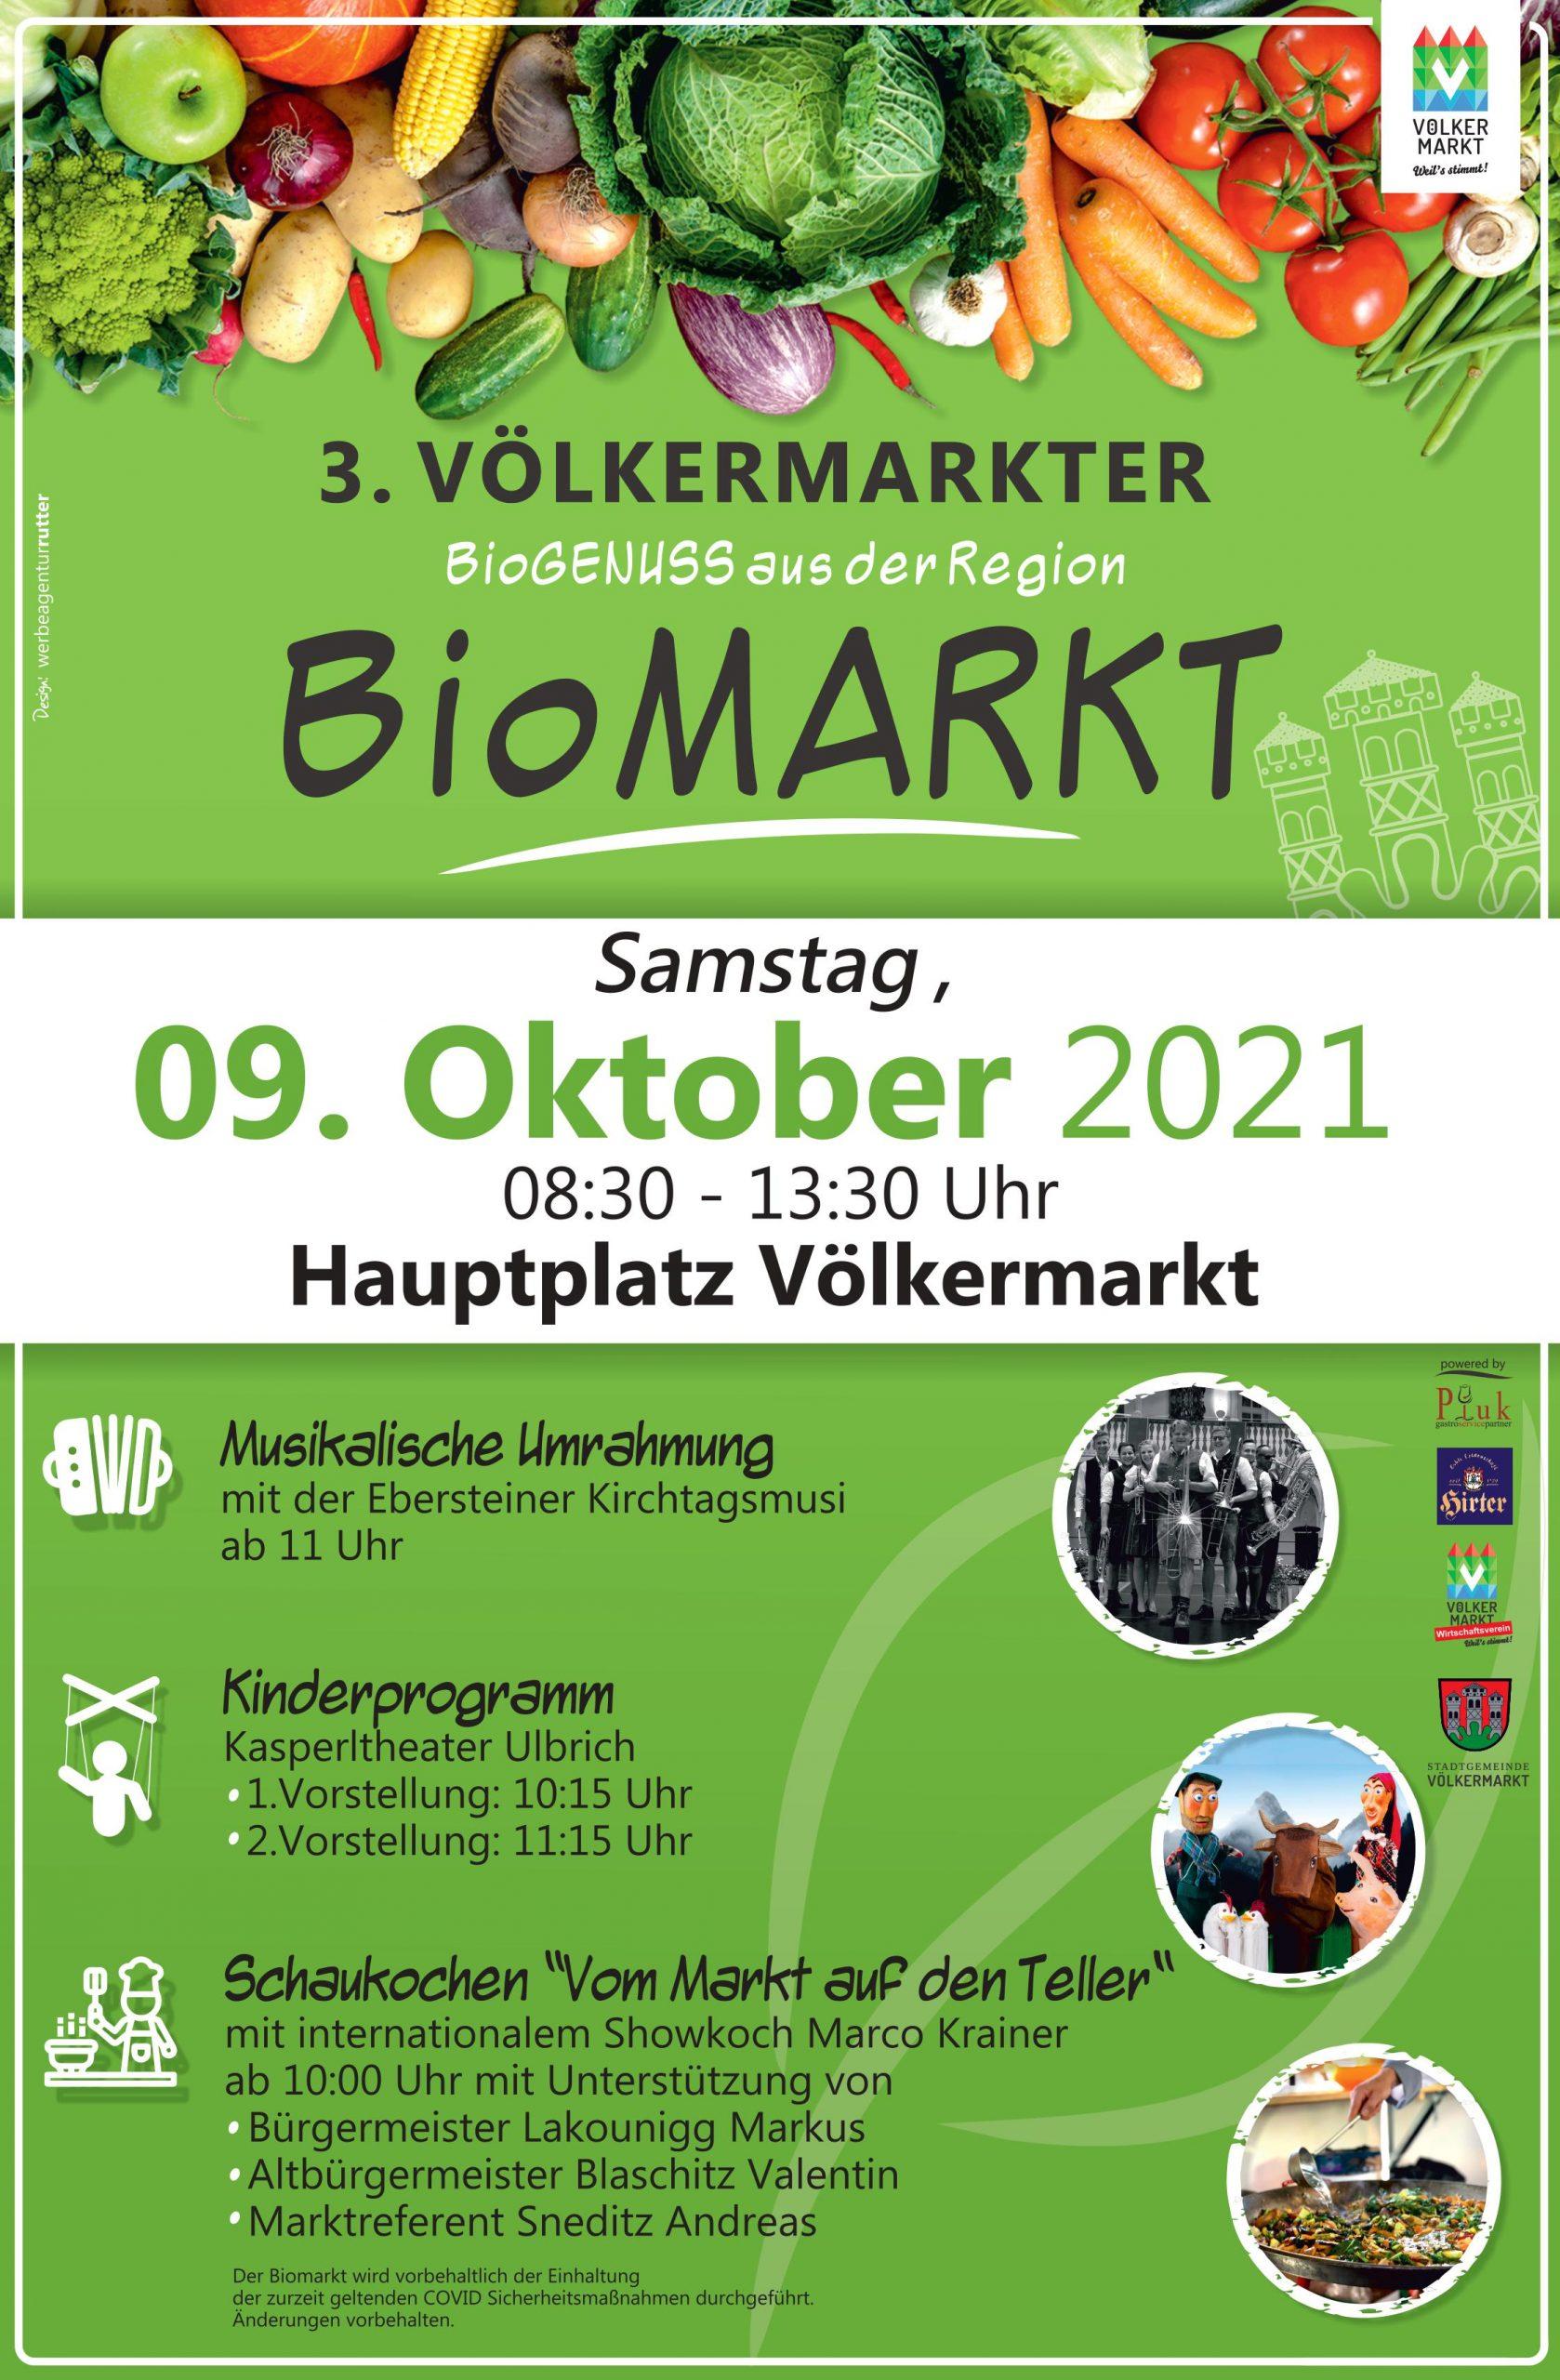 3.VK Biomarkt